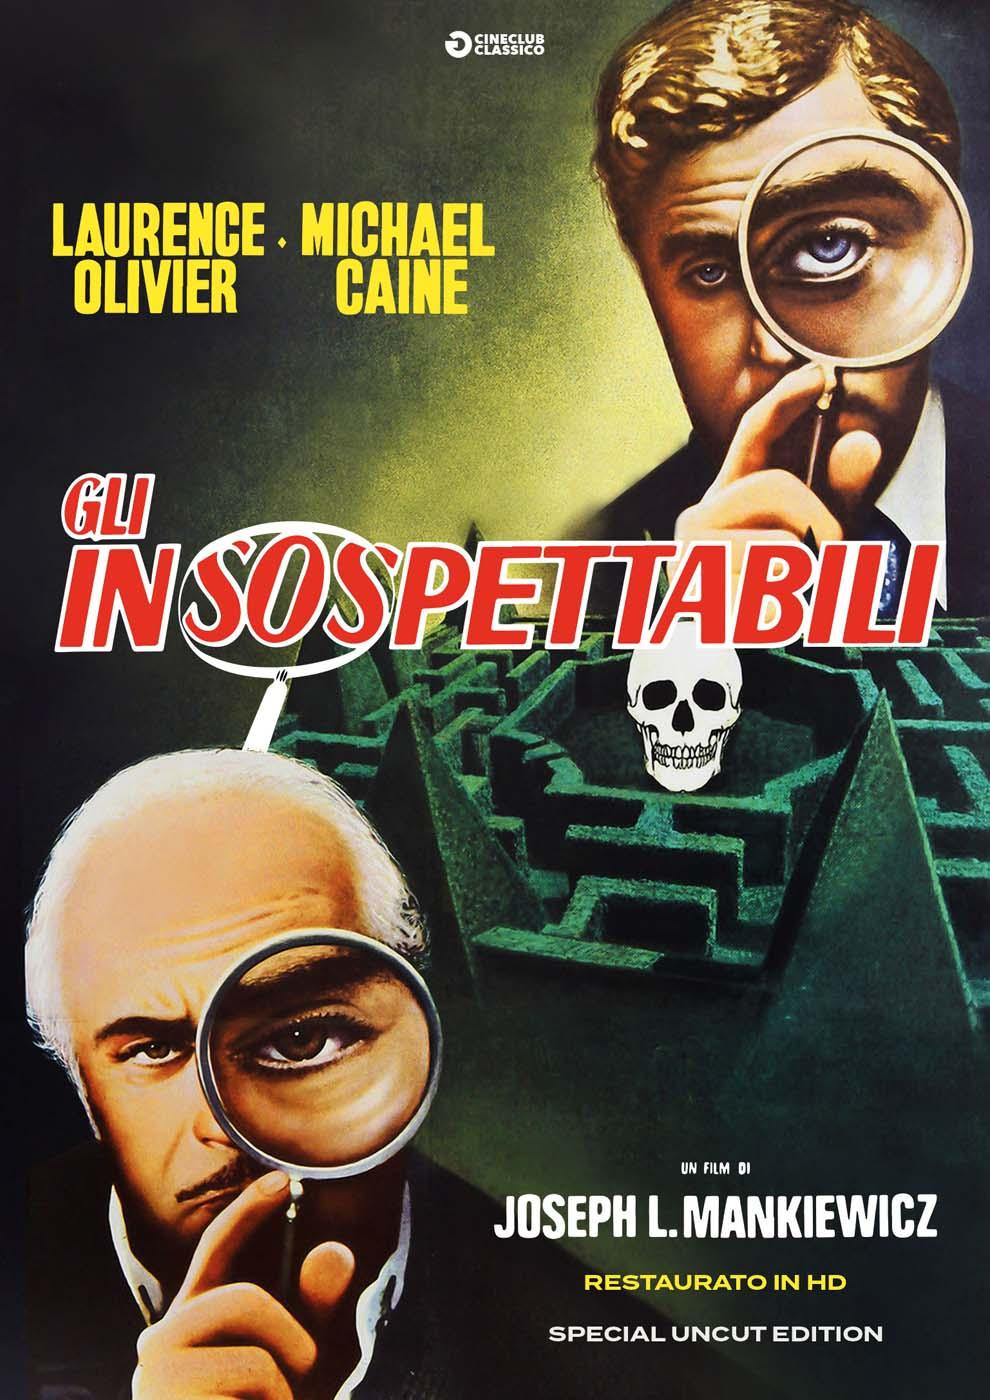 GLI INSOSPETTABILI (RESTAURATO IN HD) (DVD)